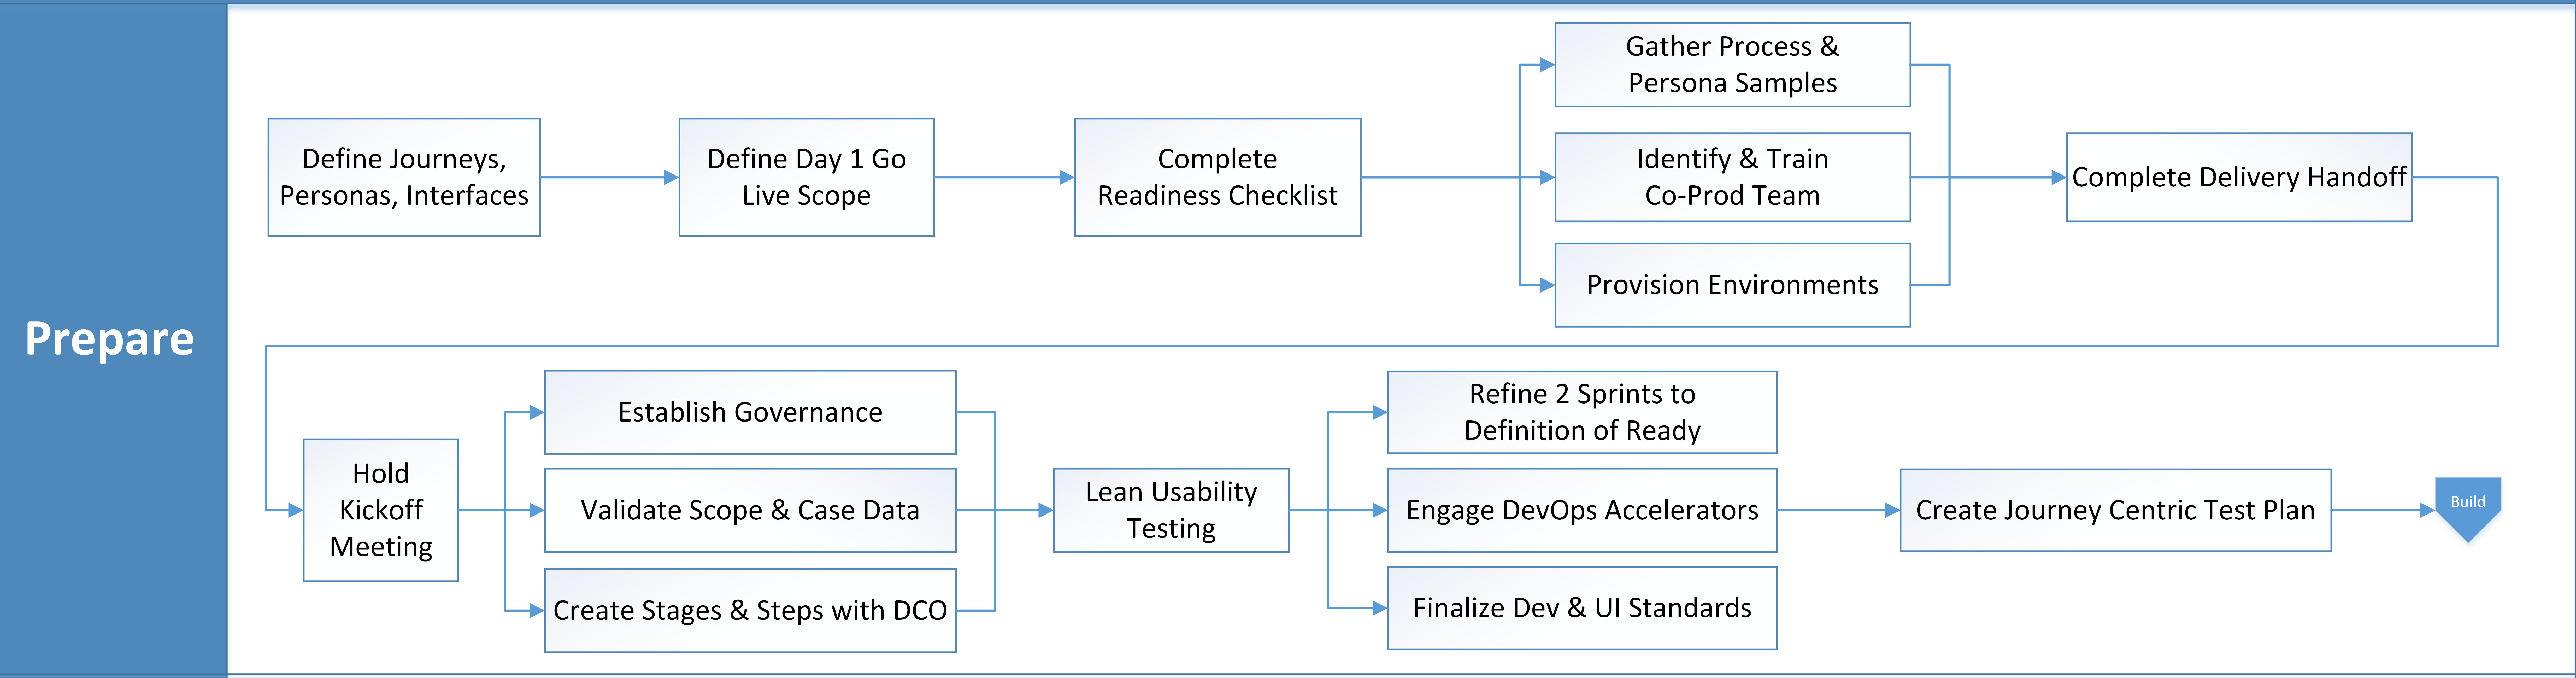 Prescriptive Delivery Process v38 -Prepare